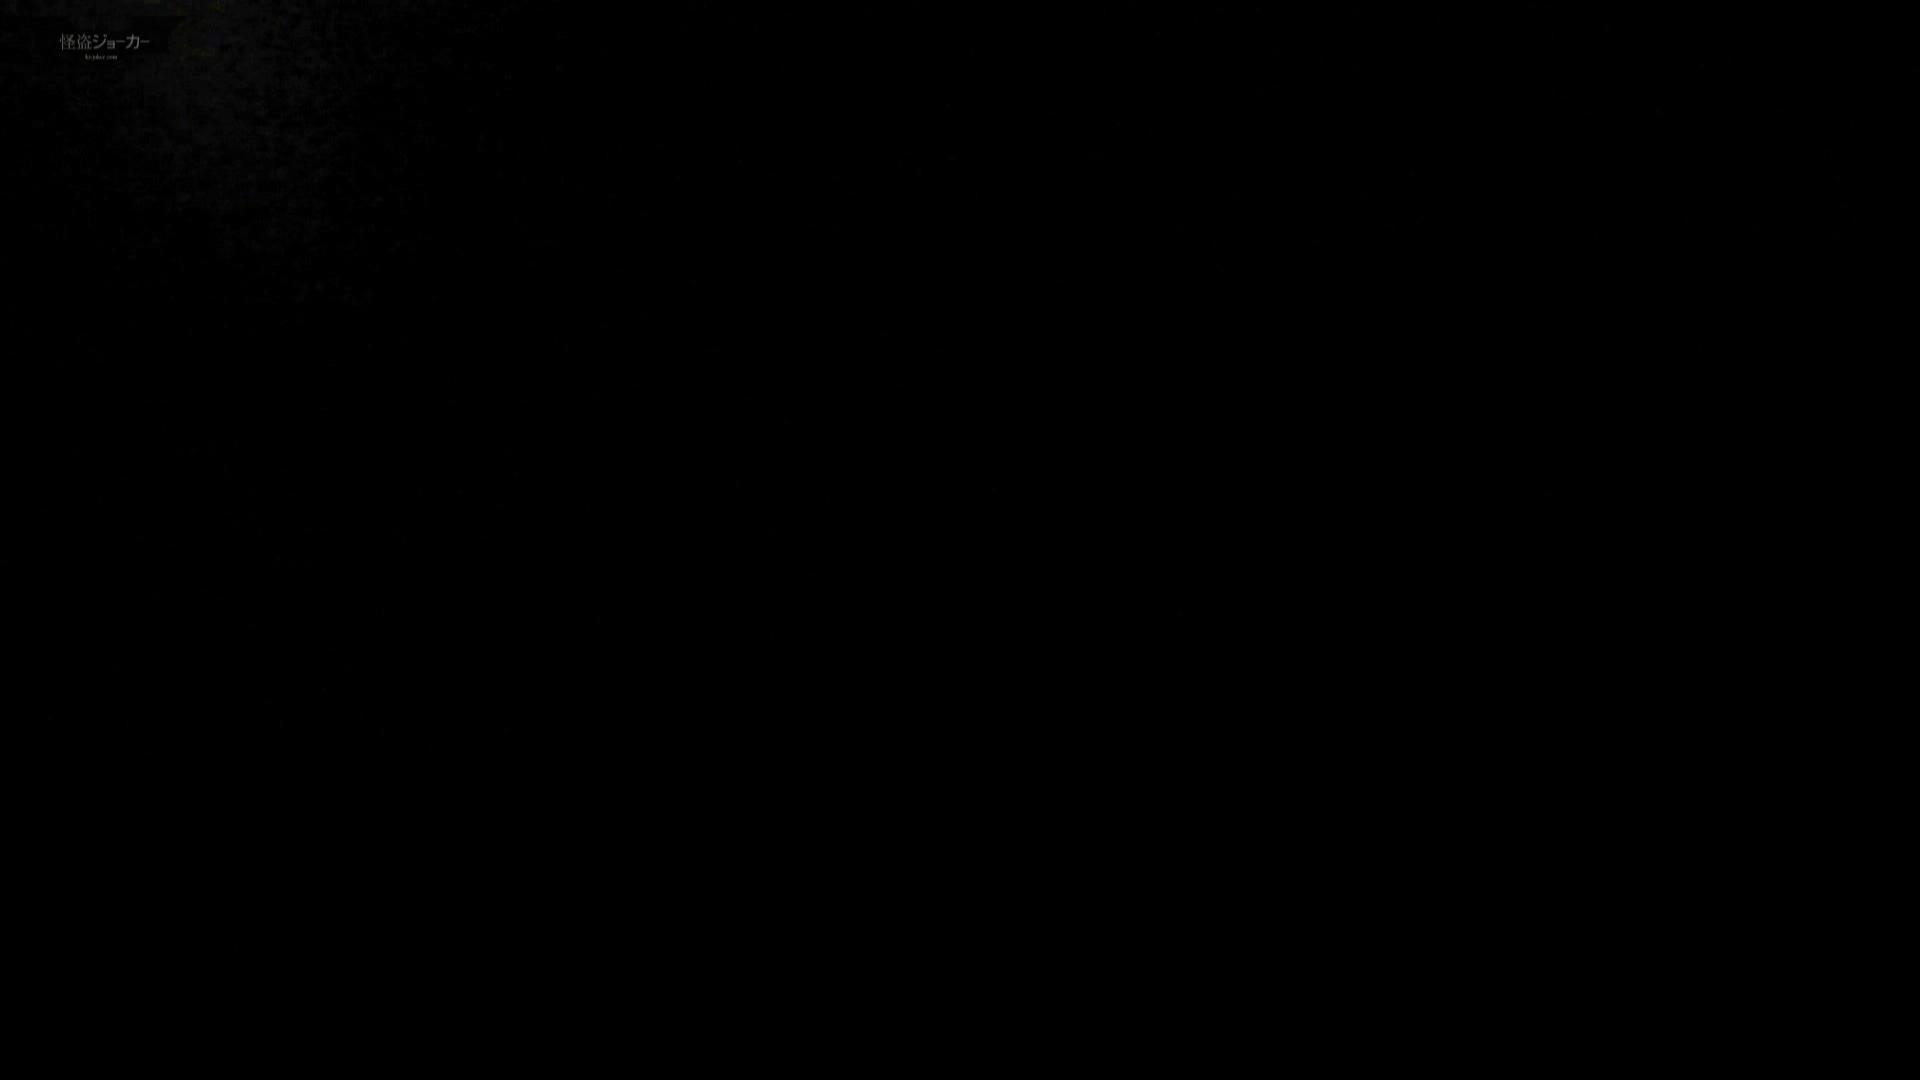 ステーション編 vol.27 穴から見えるは美女ばかり! 盛合せ オマンコ無修正動画無料 112枚 93